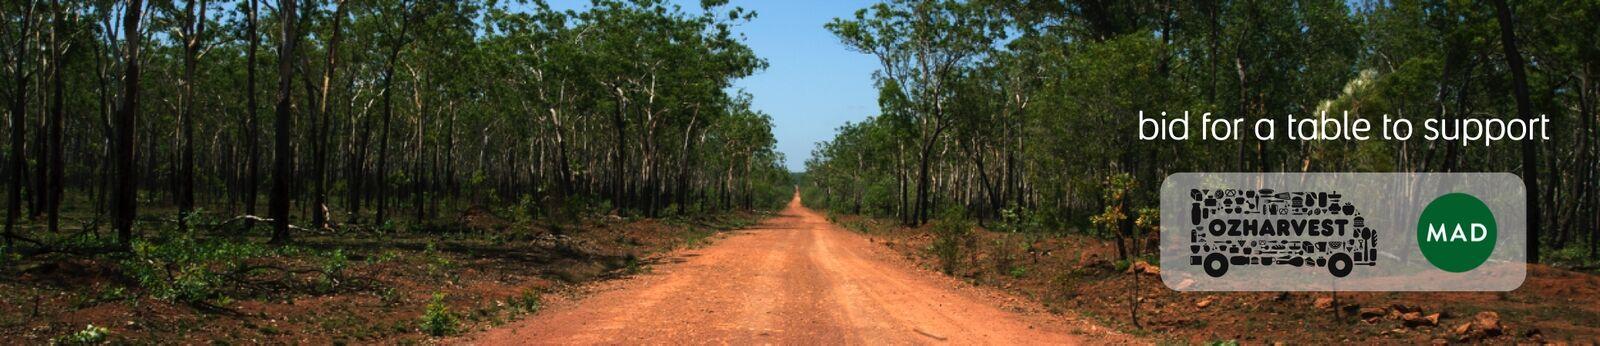 Noma Australia